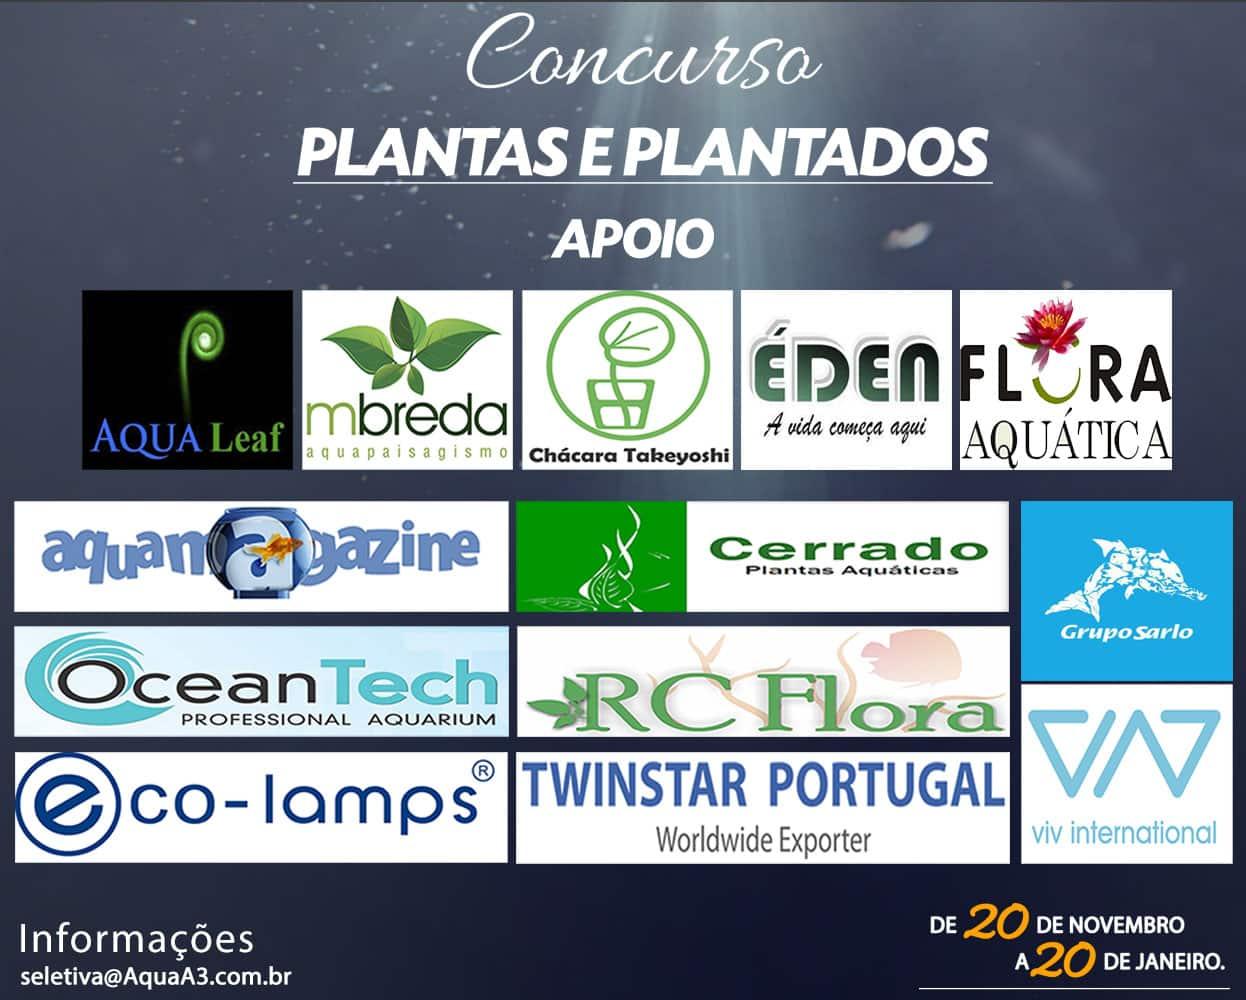 Apoio concurso Plantas e Plantados